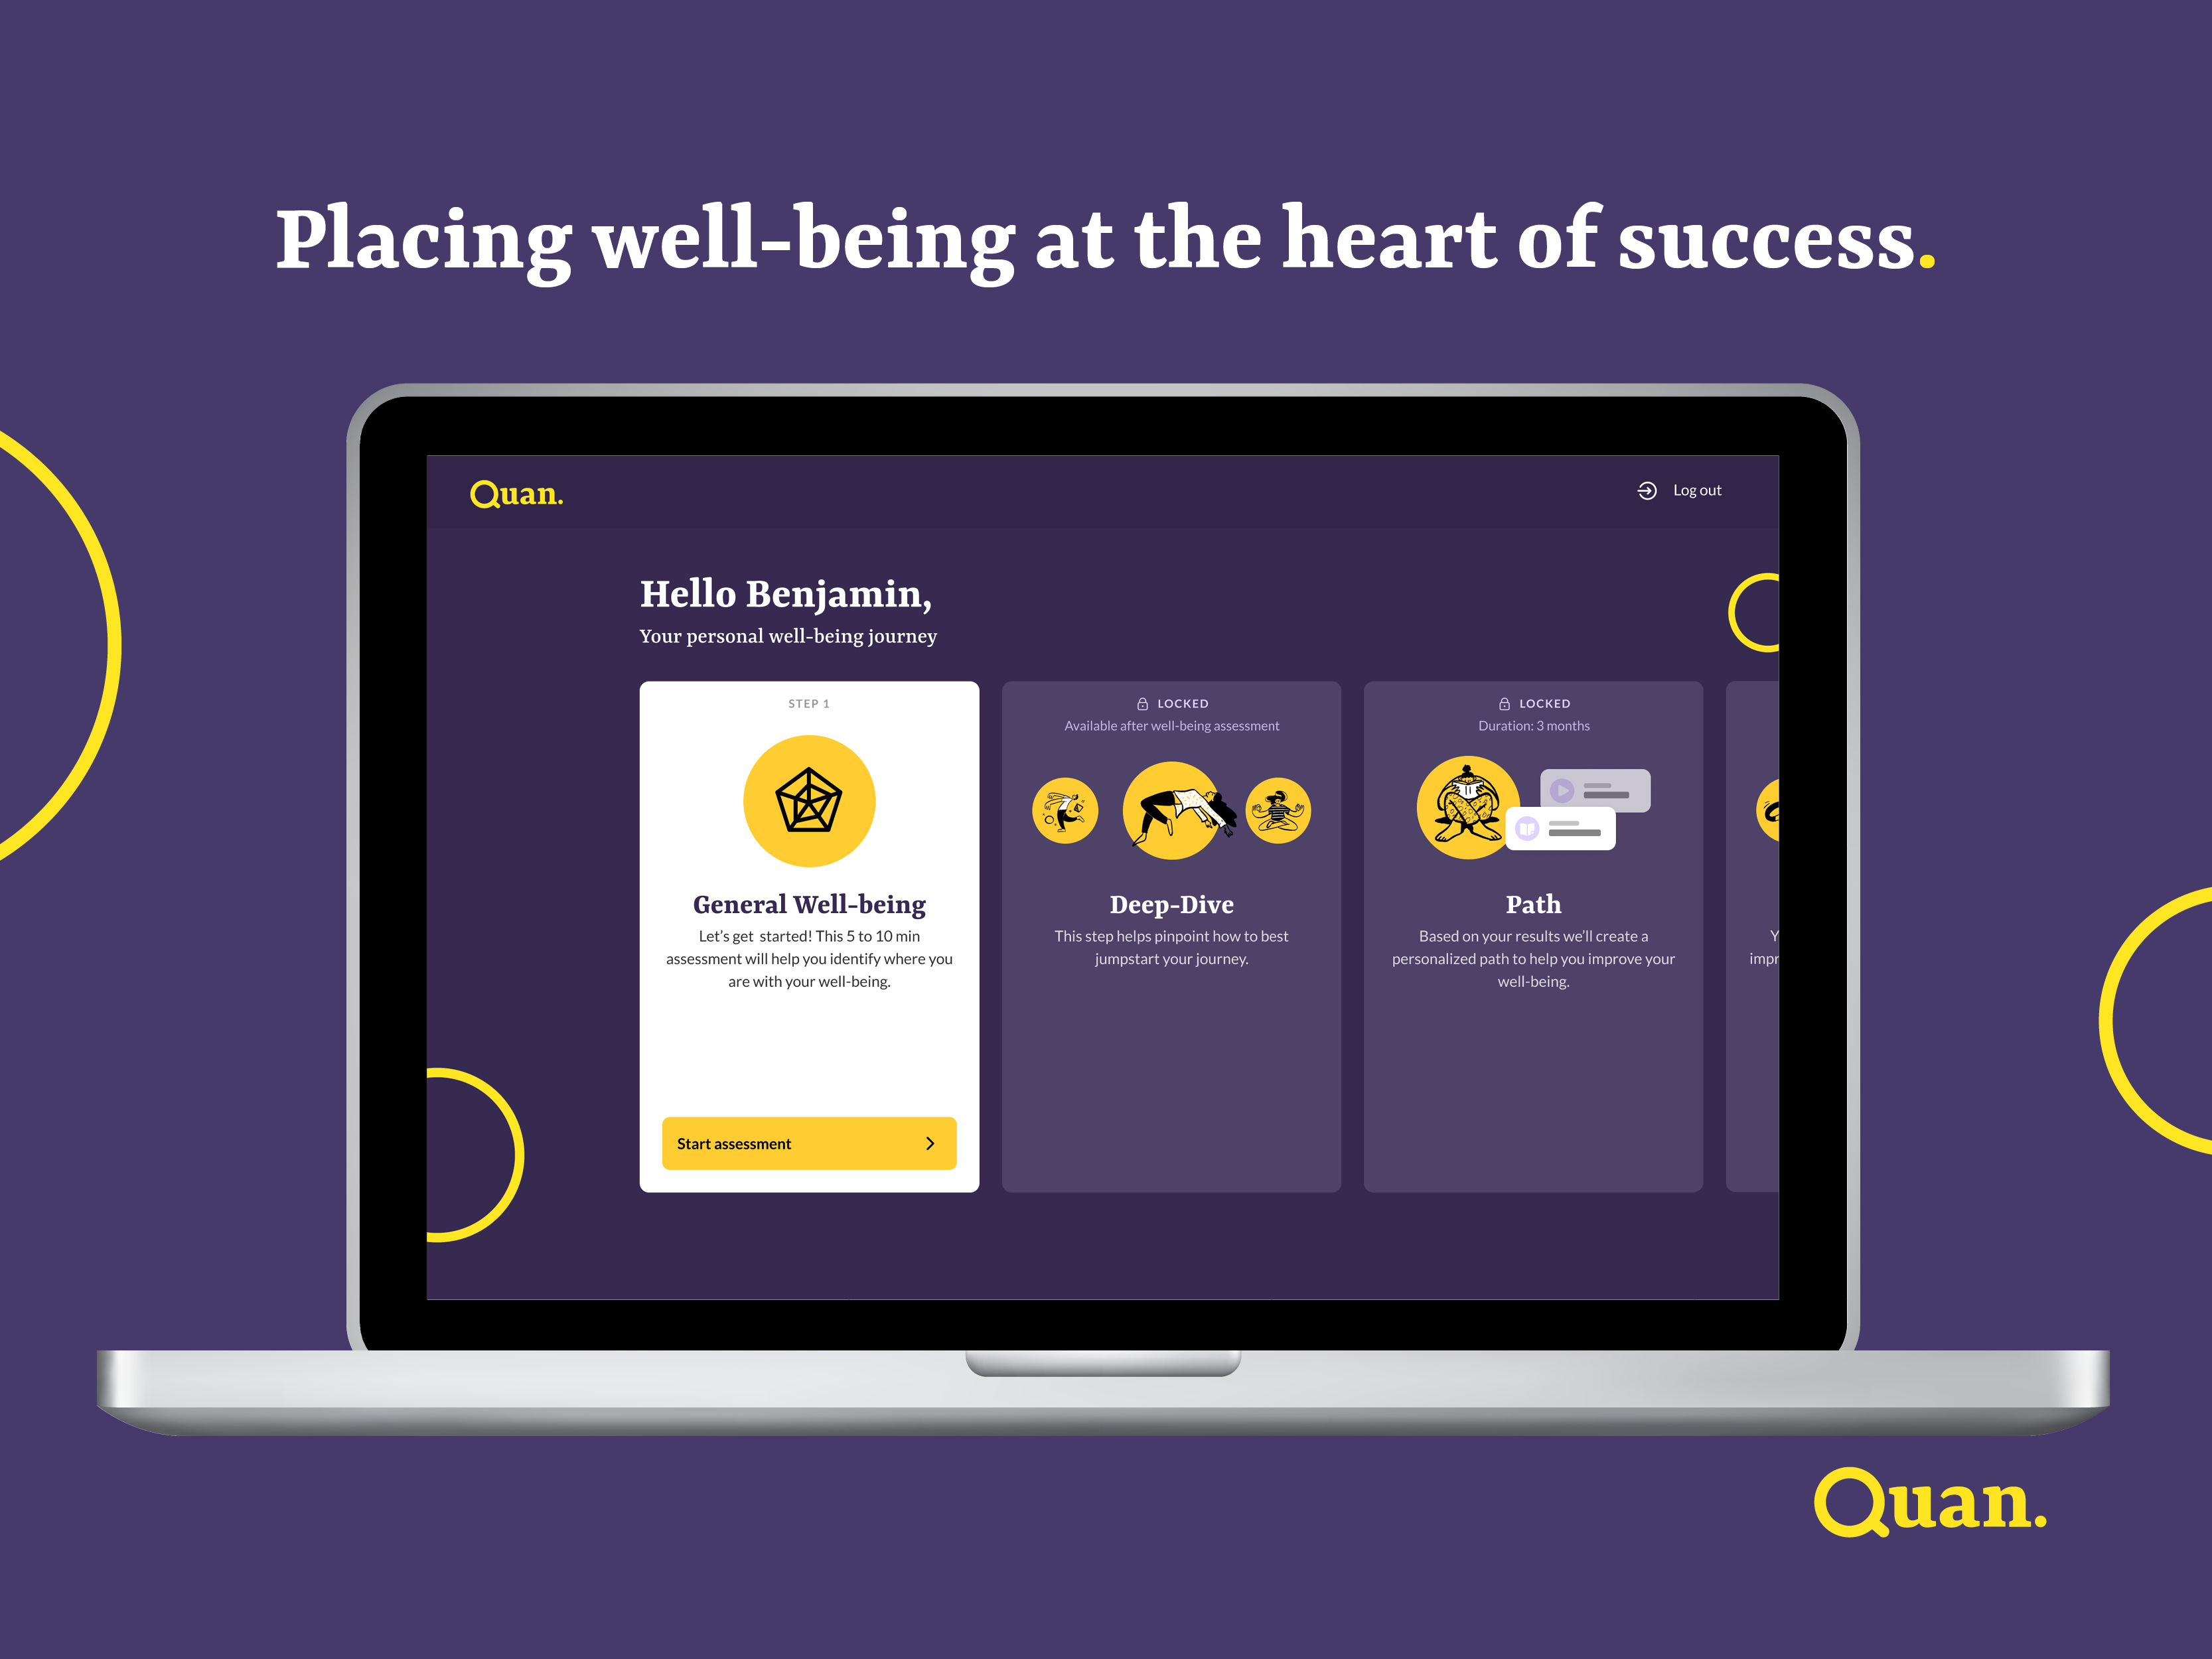 Quan well-being platform